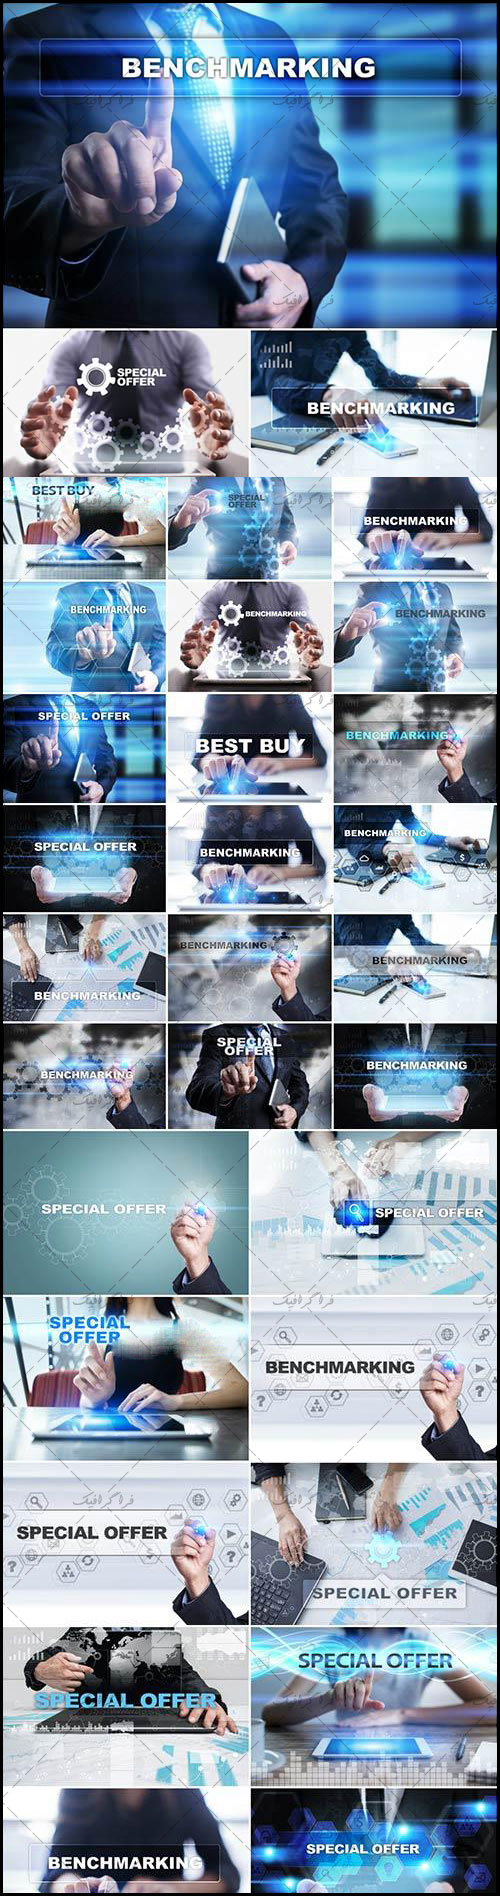 دانلود تصاویر استوک مفهومی تجاری - شماره 3